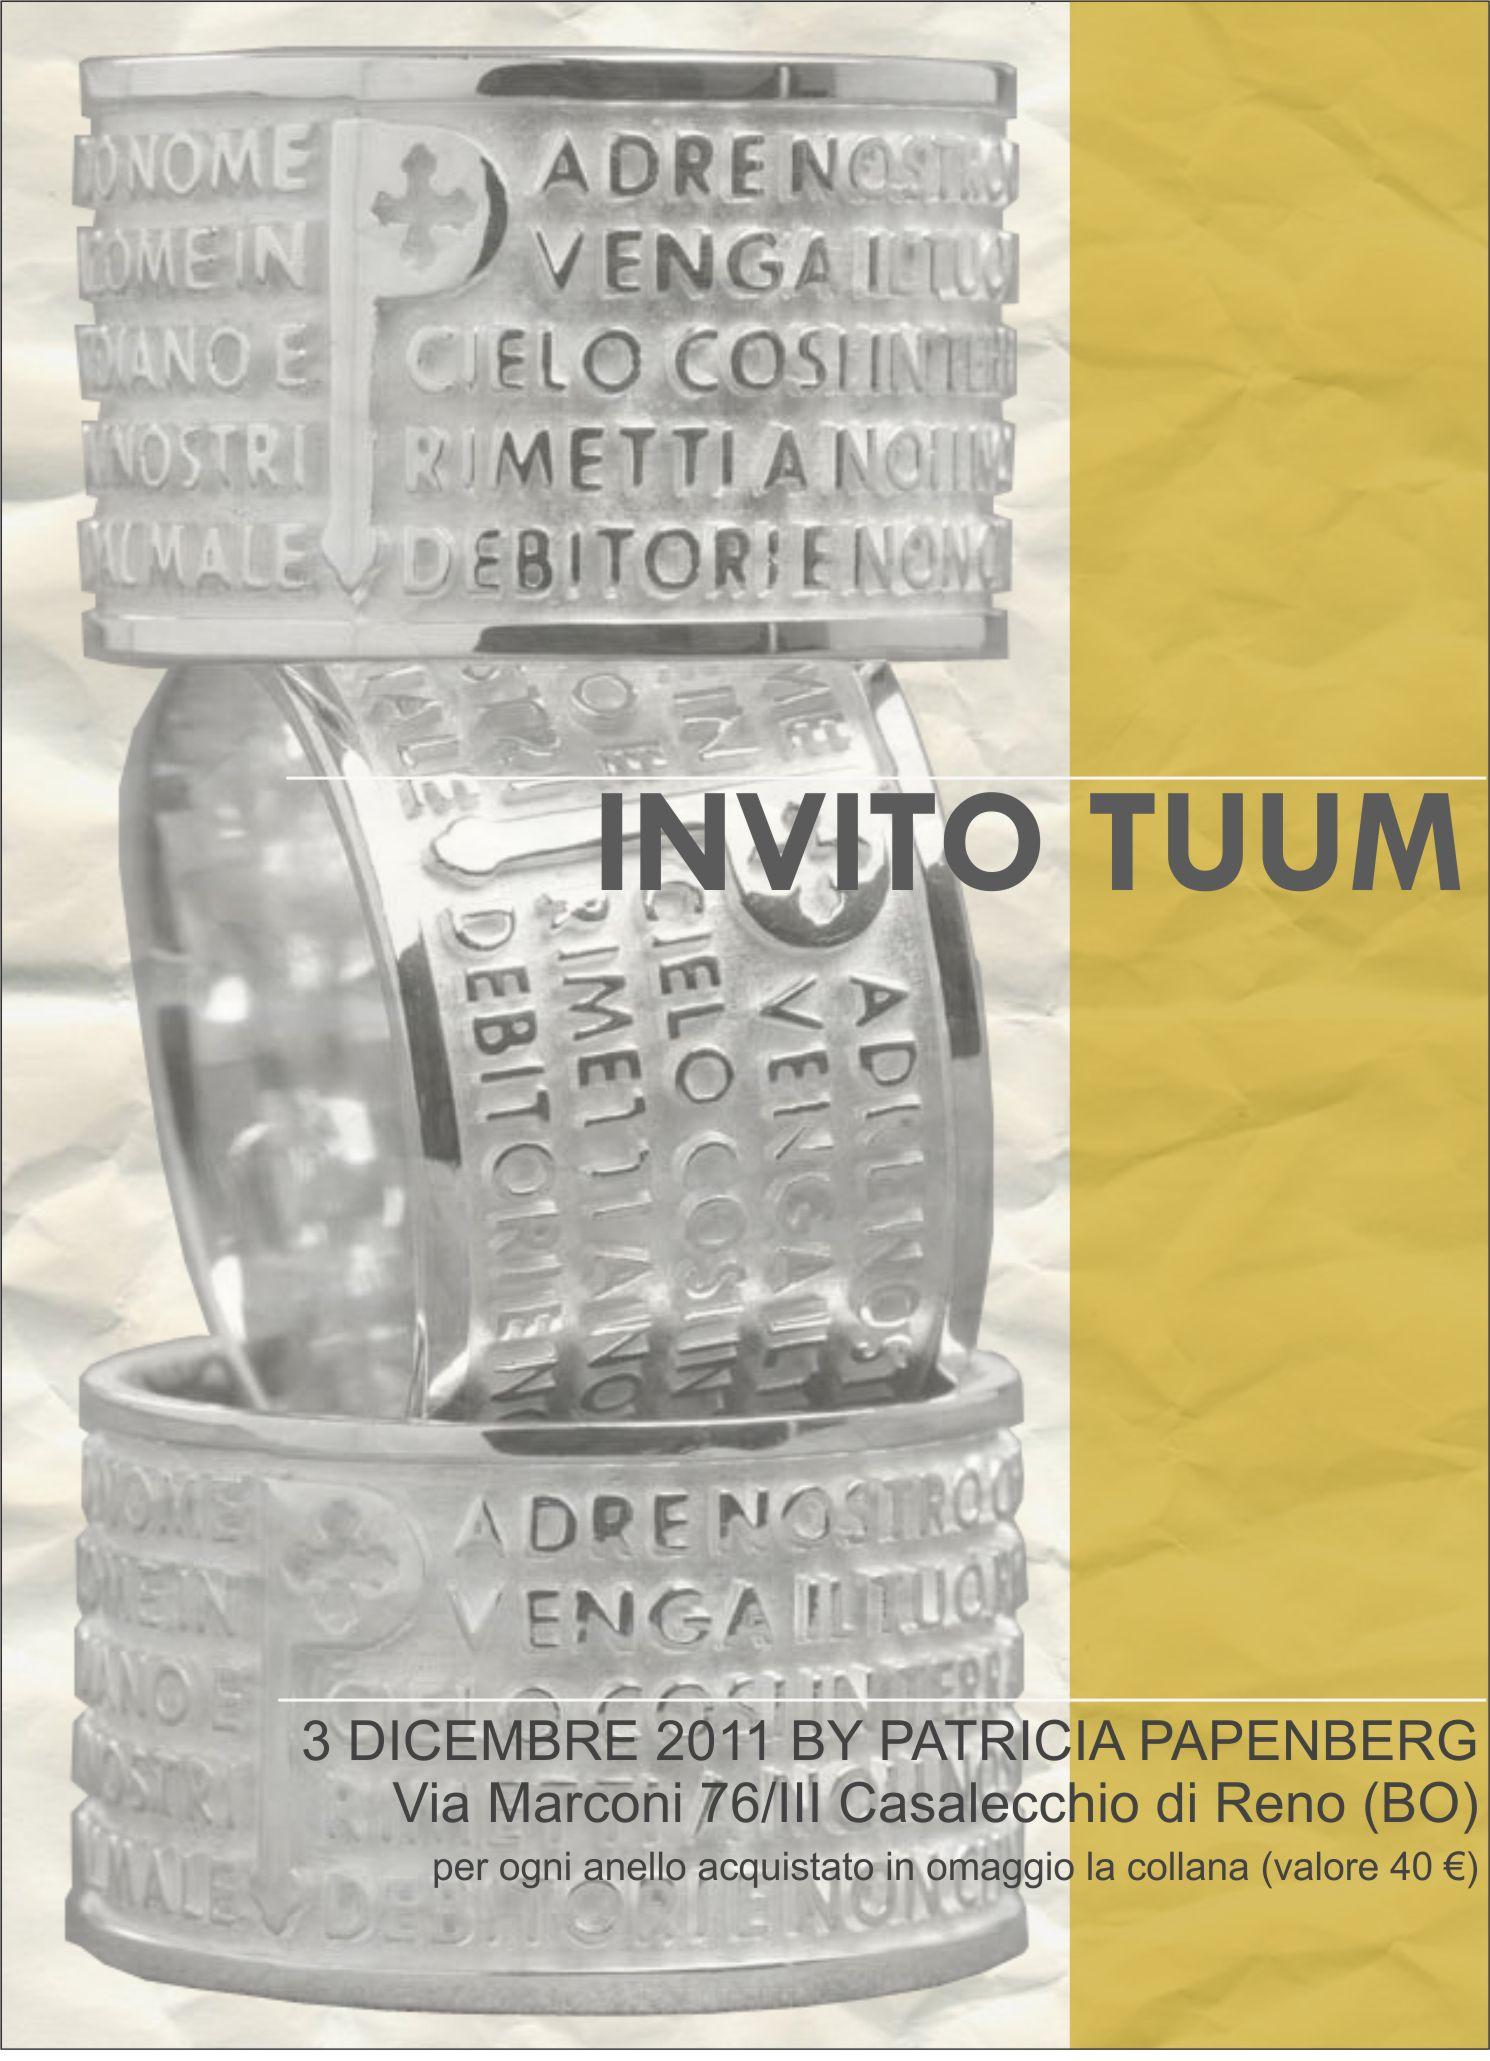 Giornata Tuum - 3 dicembre 2011 presso la gioielleria Patricia Papenberg